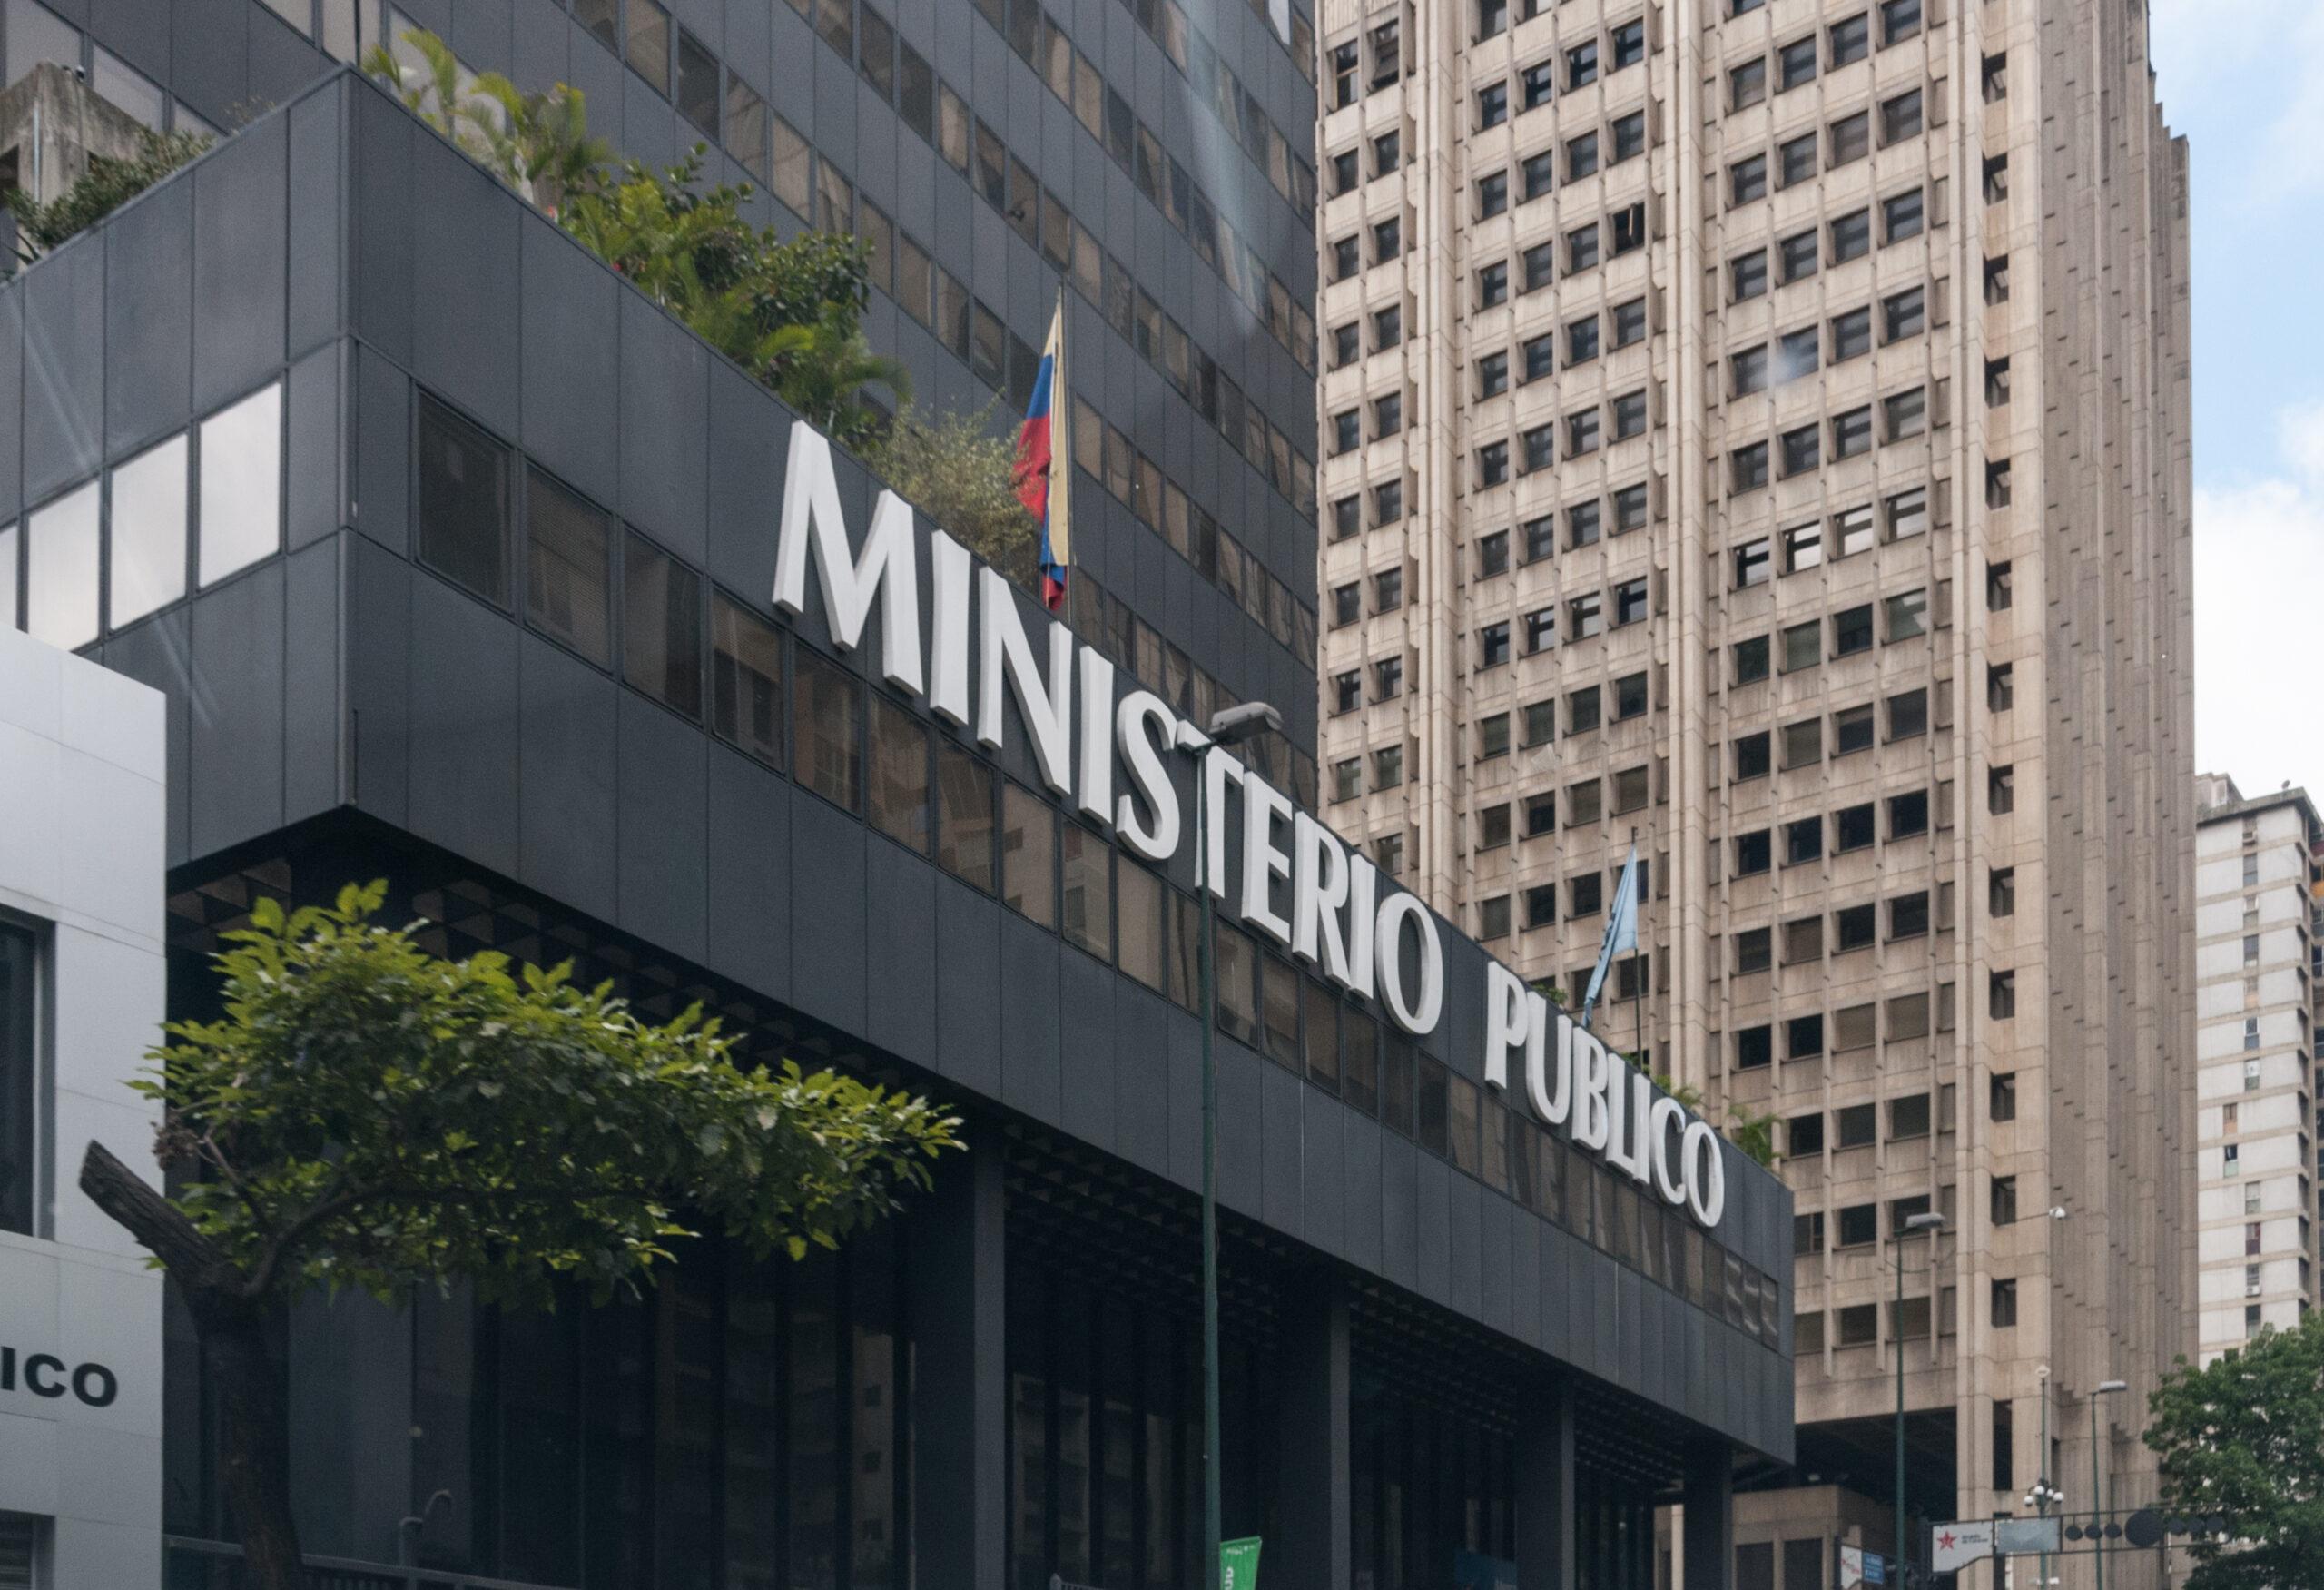 MP abrió investigación por  asesinato de dos periodistas en el estado Zulia